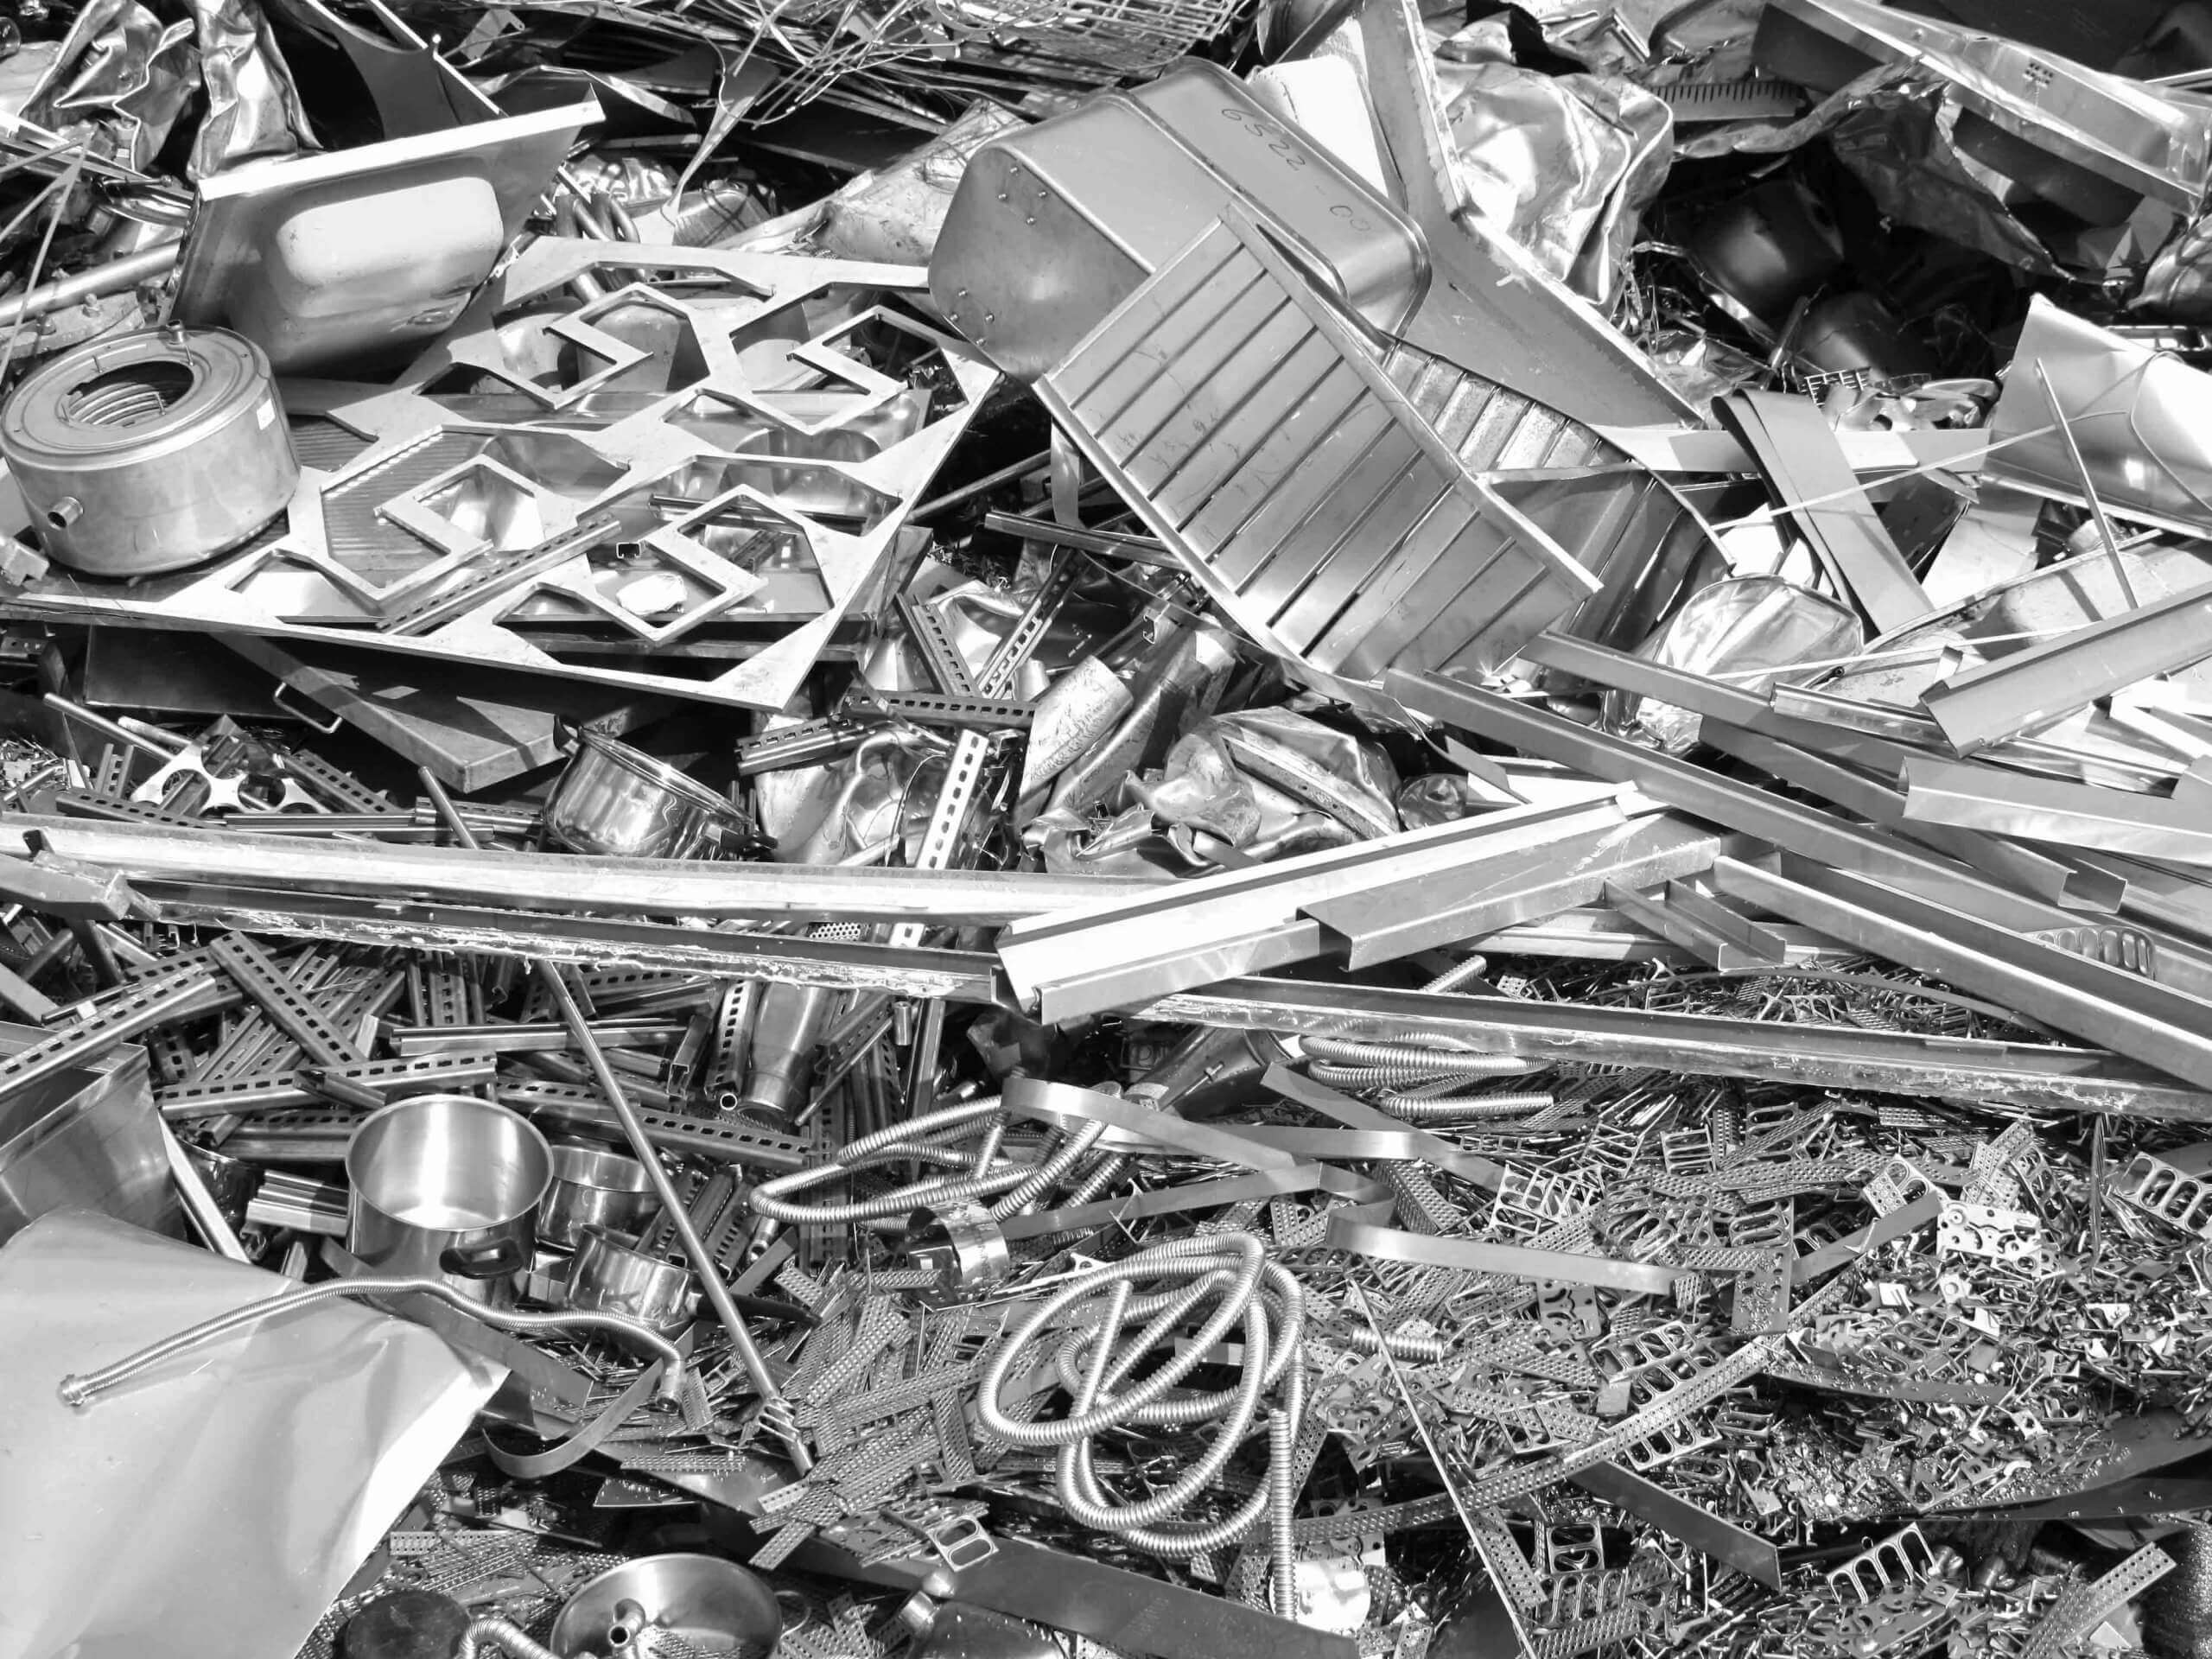 Metal scrap before shredding